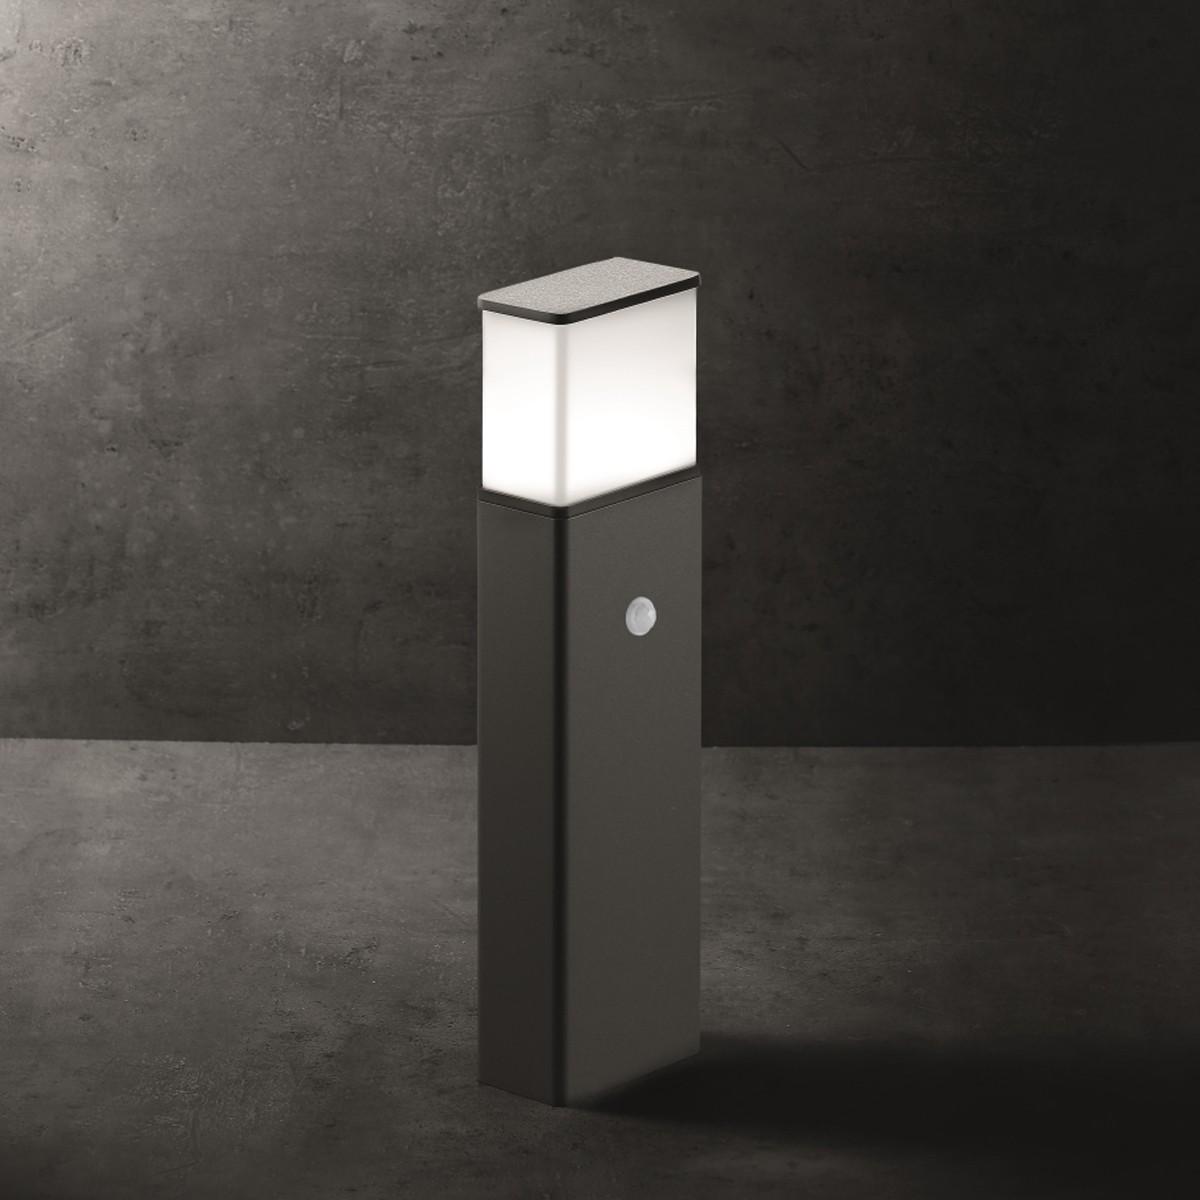 Lupia Licht Luka S Pollerleuchte, mit Sensor, anthrazit